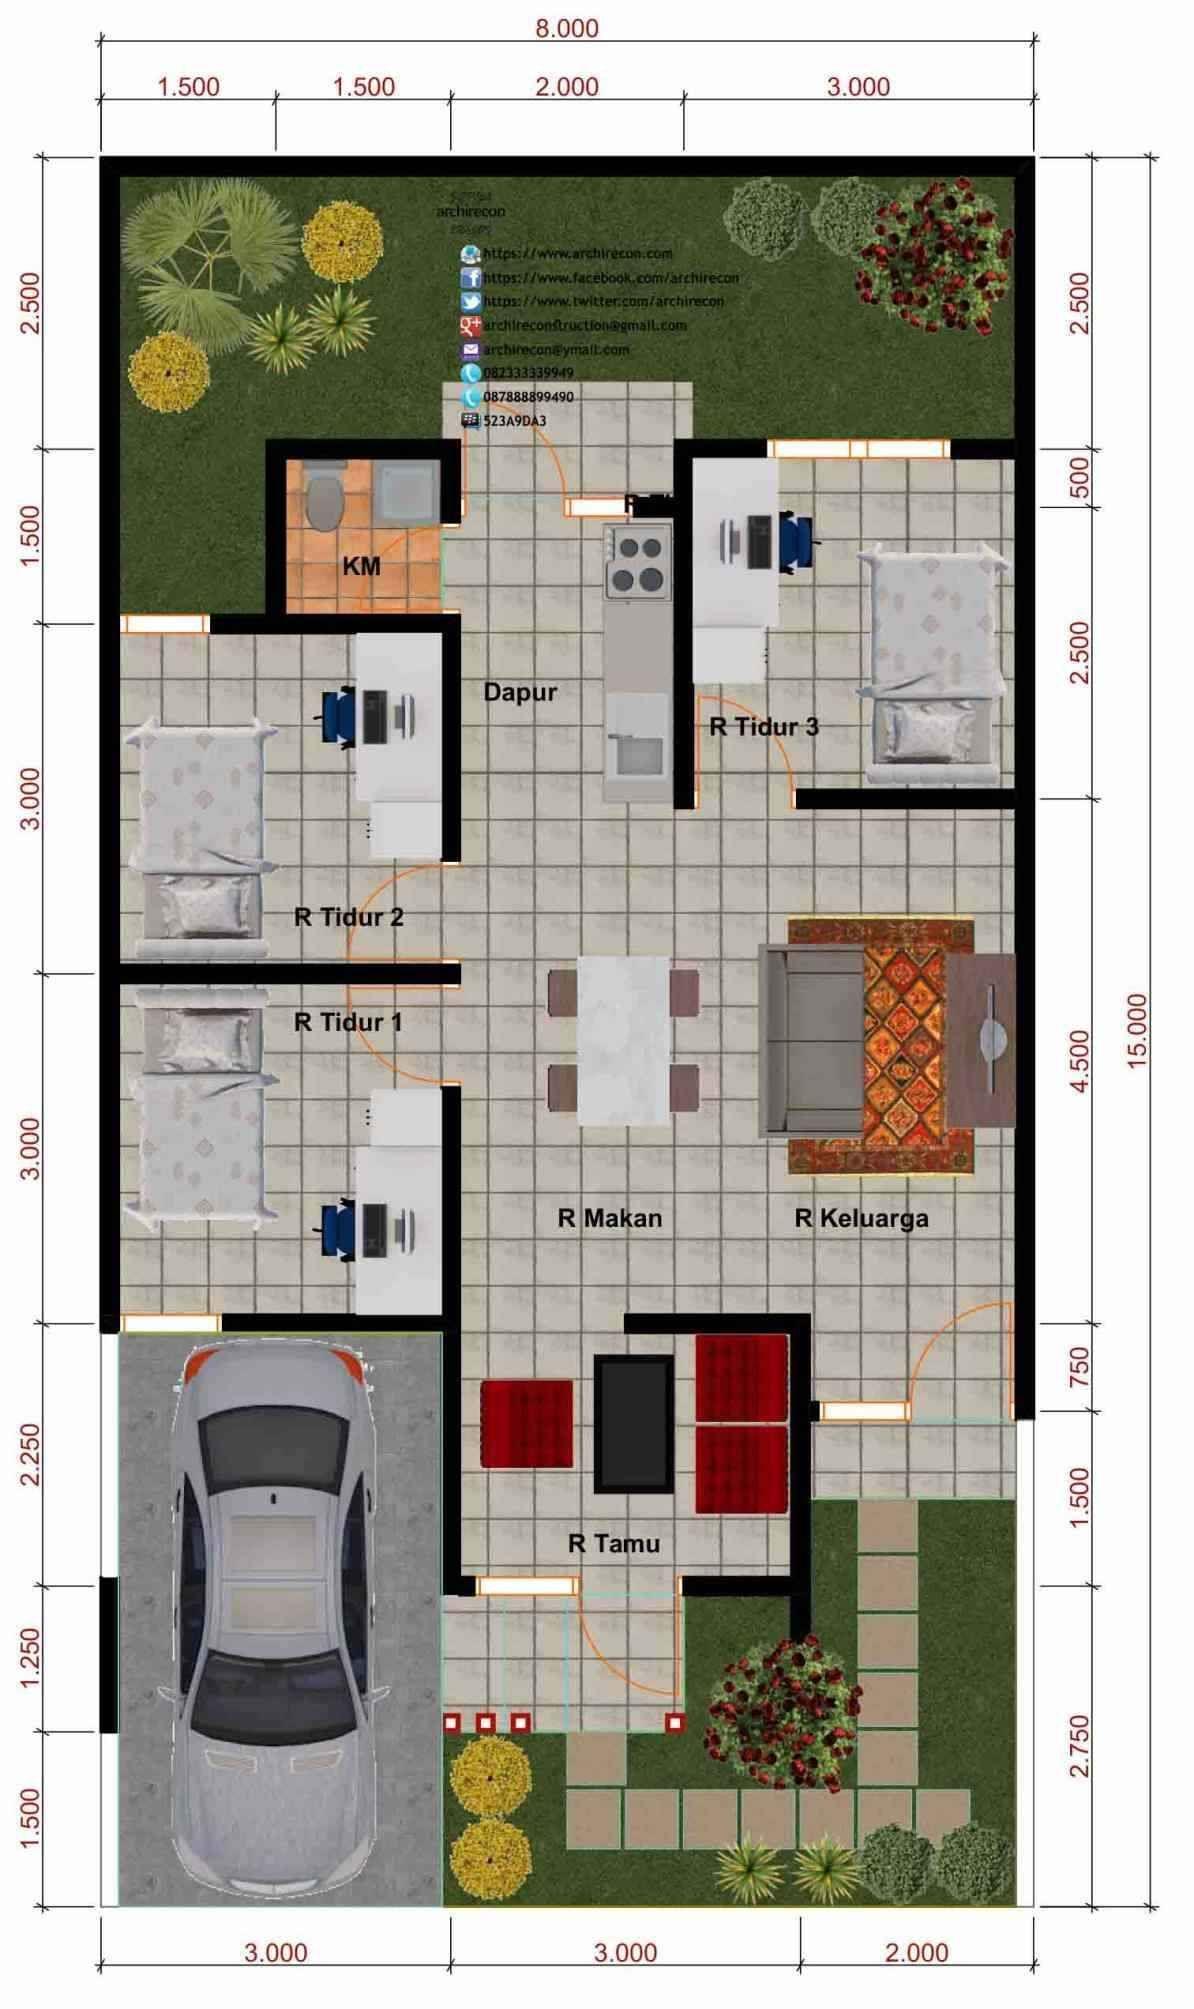 71 Foto Beragam Desain Rumah Minimalis Modern 2 Lantai Ukuran 8x10 Dari Rumah Minimalis Sederhana Kamar 2 Desainkan Denah Rumah House Blueprints Desain Rumah